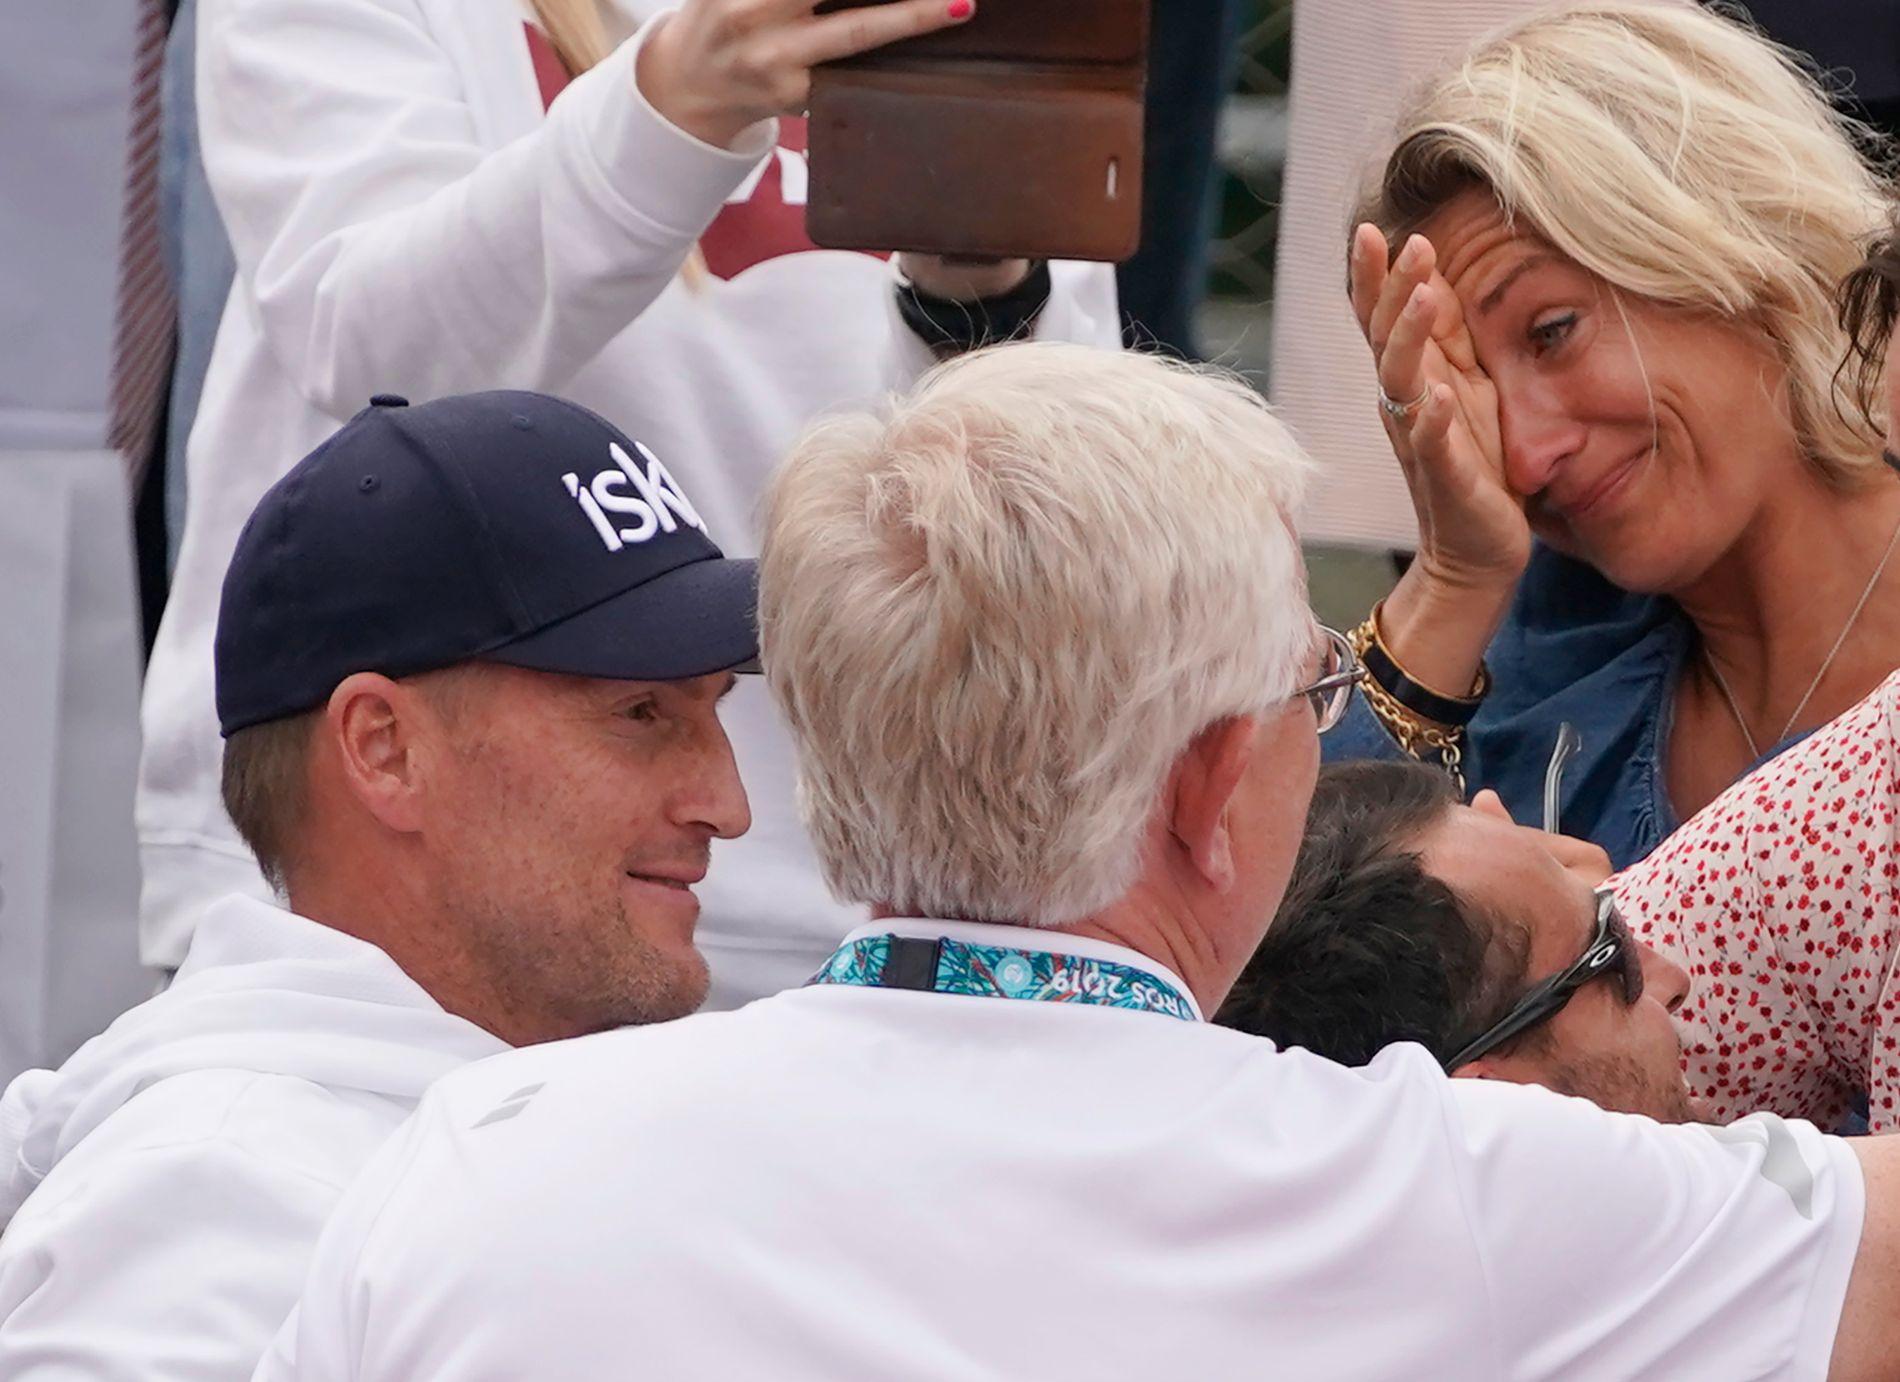 RØRT MAMMA: Lele Ruud tok til tårene da sønnen Casper slo Matteo Berretini i French Open. Nå venter Roger Federer. Pappa og trener Christian Ruud (t.v.), analysesjef Øivind Sørvald (med ryggen til) og trener Pedro Klar er med i seiersrusen.